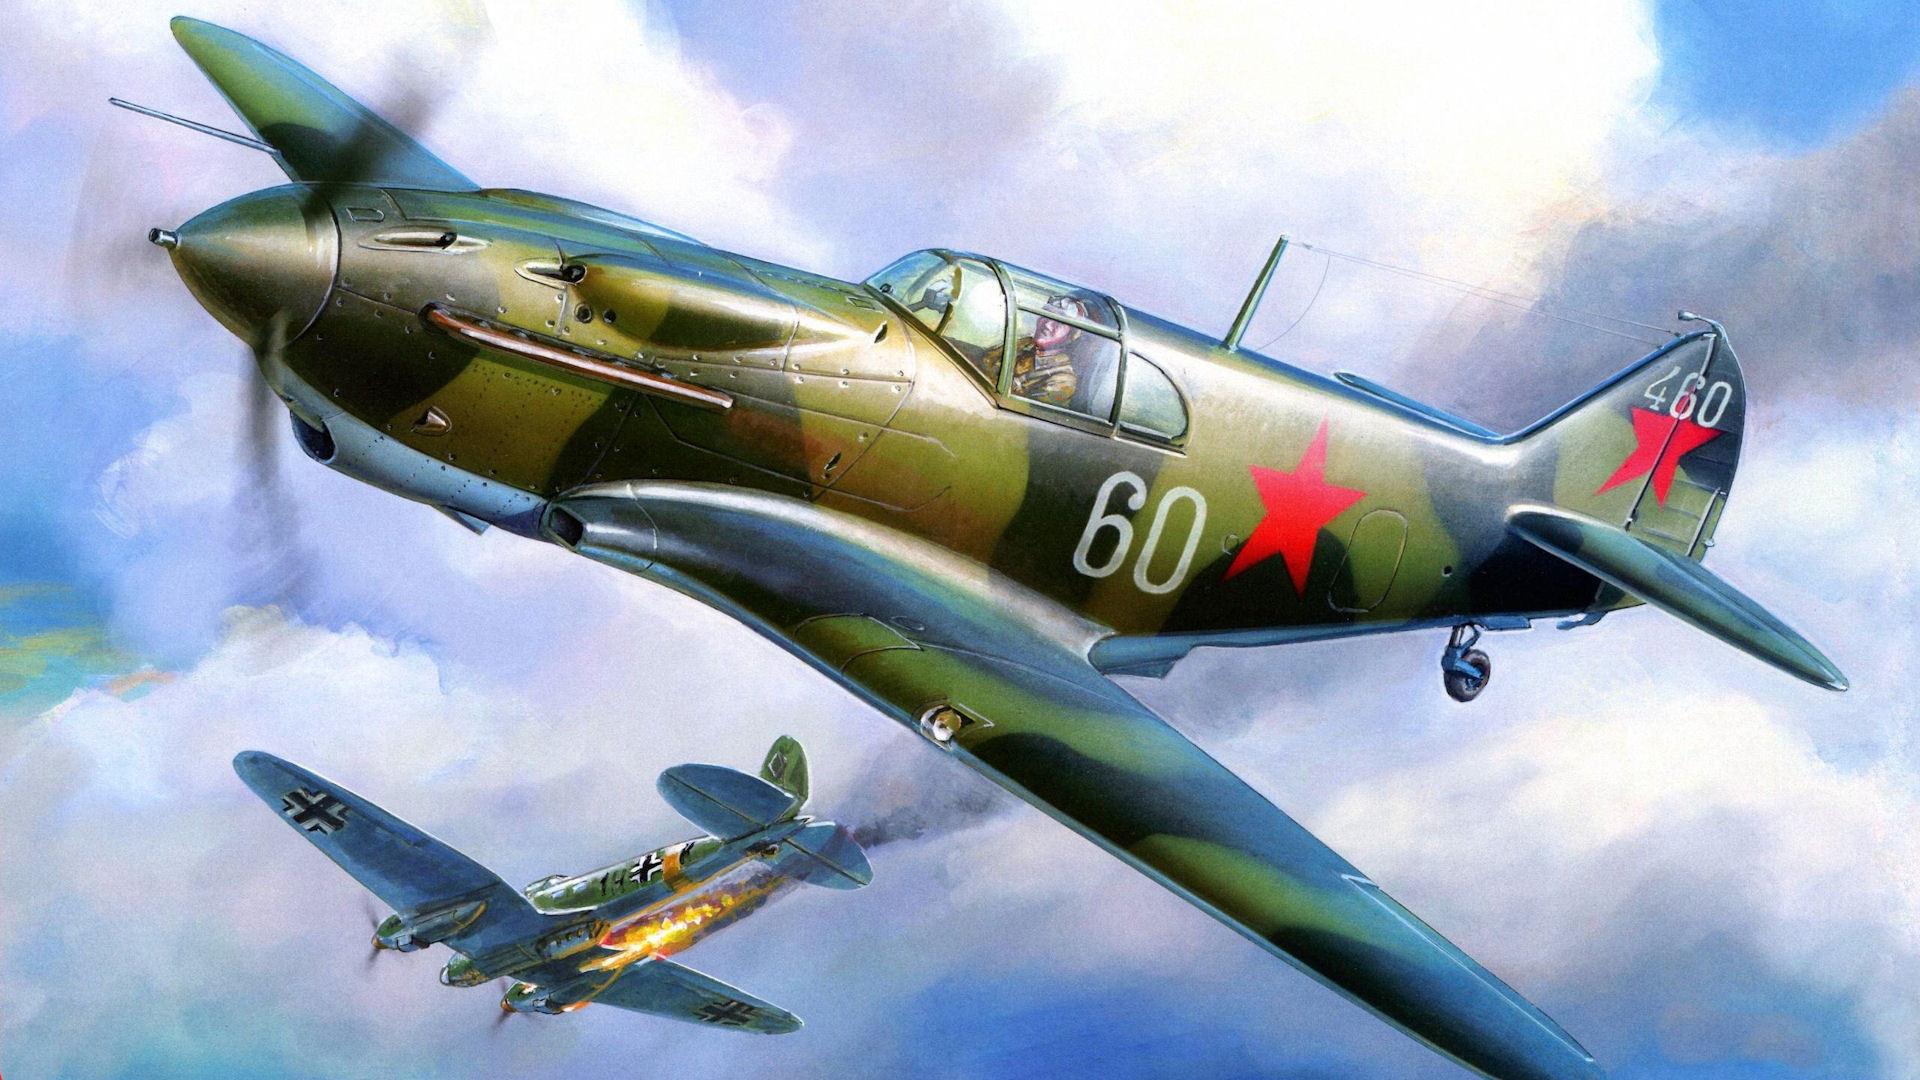 Хейнкель He 111 смотреть